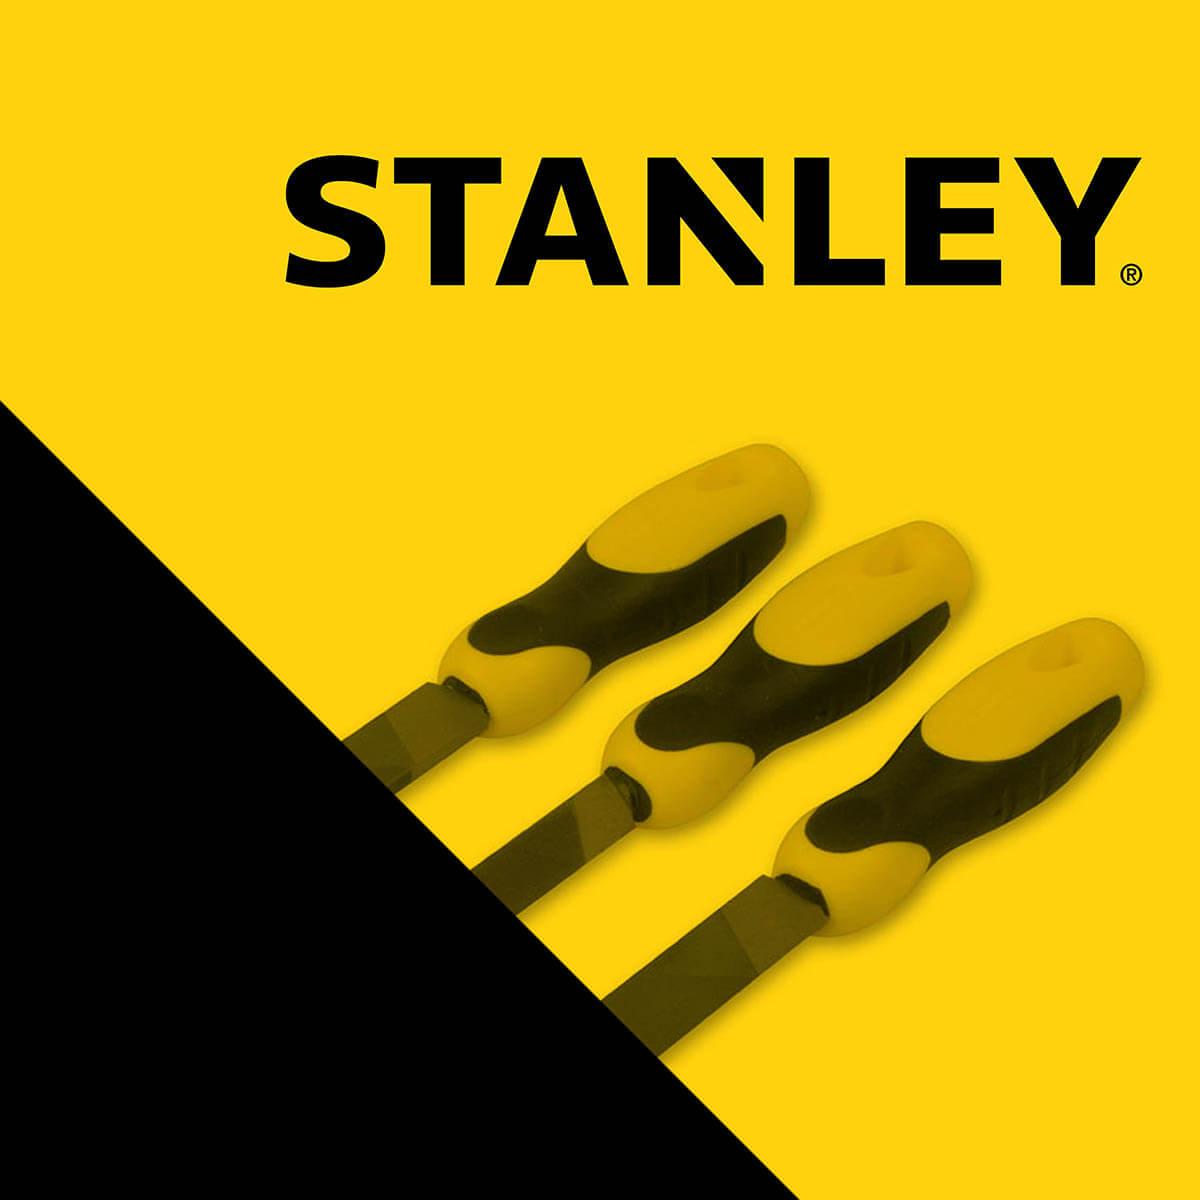 Stanley at Toolden